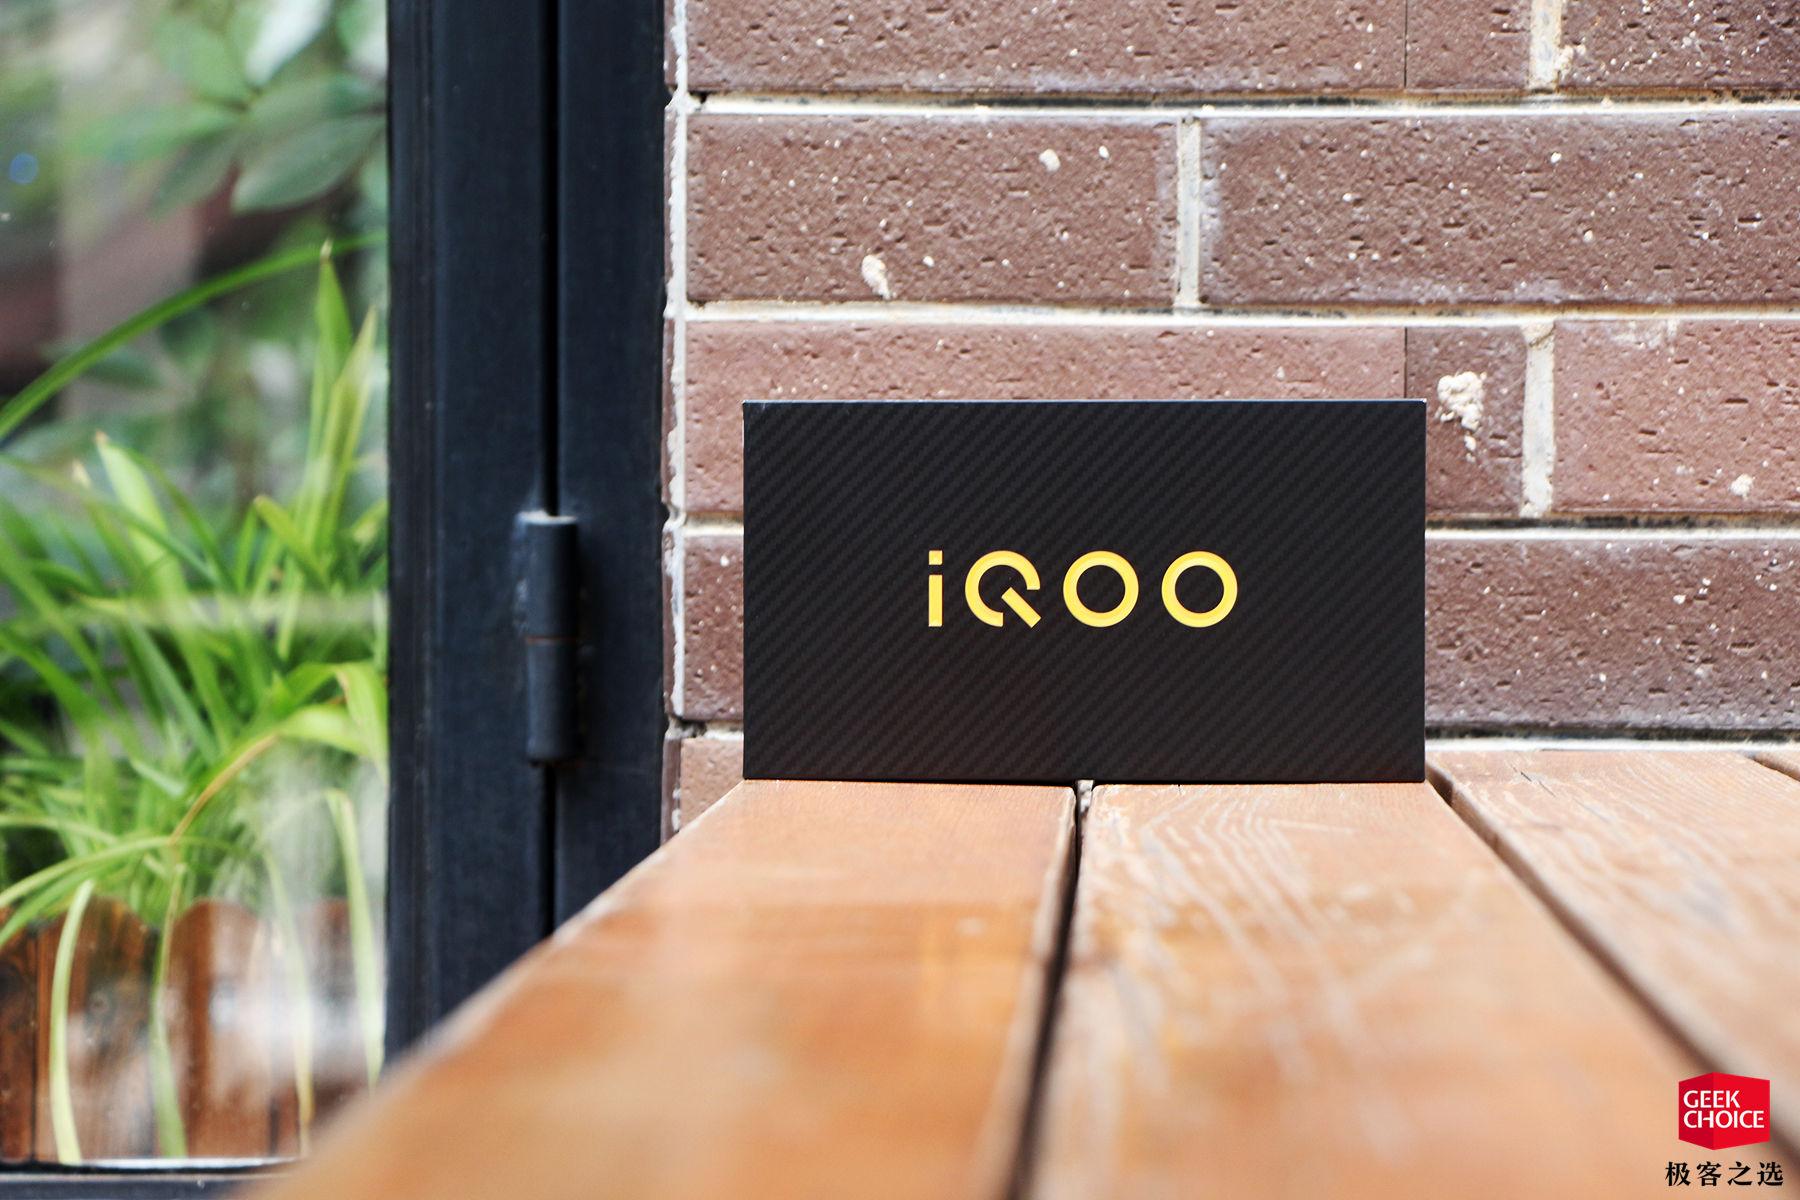 iQOO Pro 5G 版评测:作为今朝最便宜的 5G 手机,它值得动手吗?